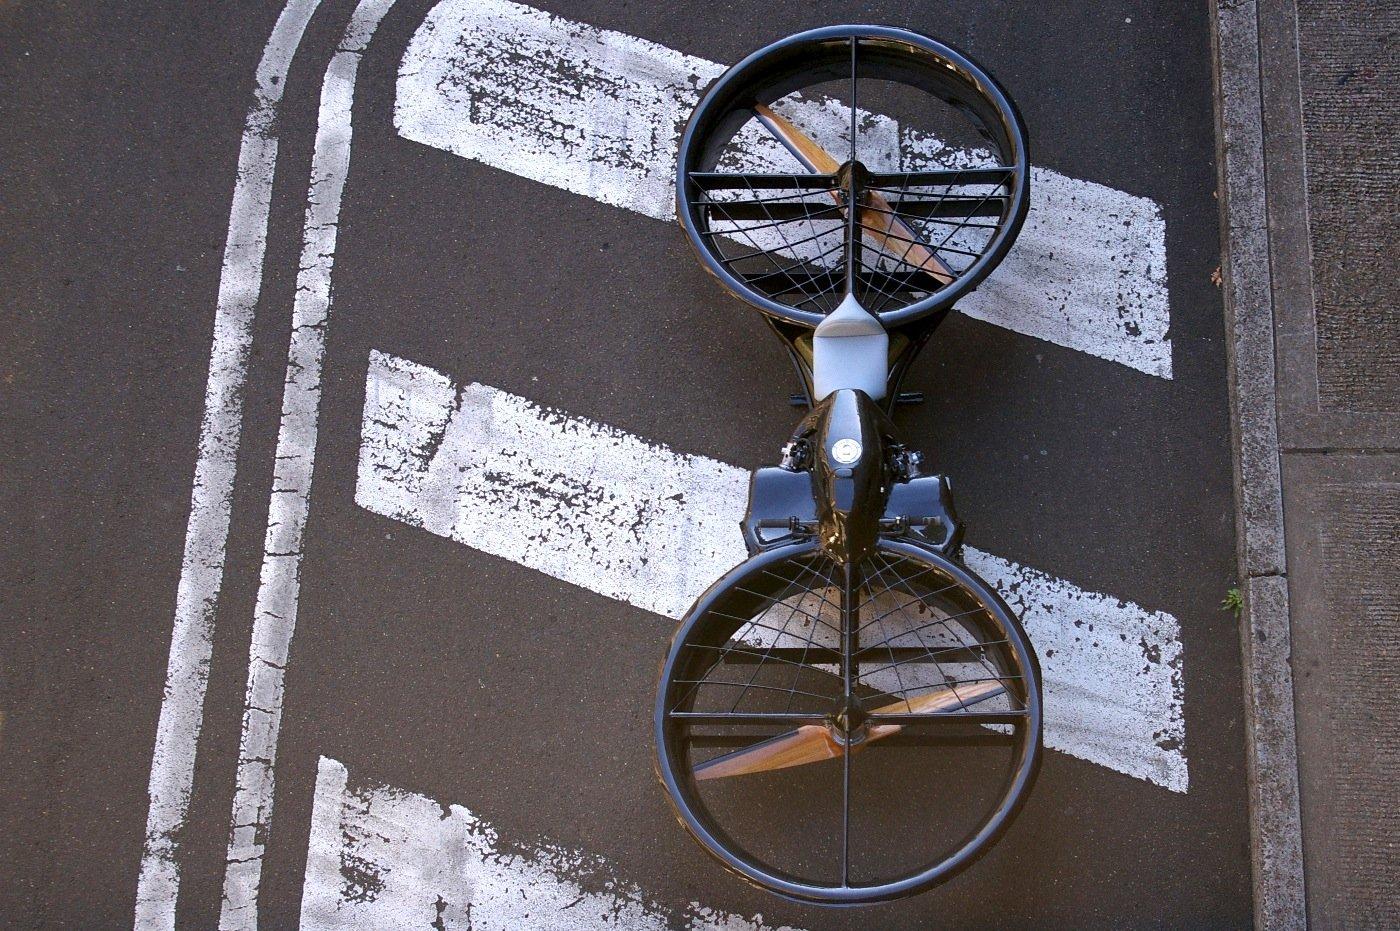 Das Hoverbike soll Erfinder ChrisMalloy für die US Army noch verbessern. Das Flug-Motorrad kann auch in niedrigen Höhen fliegen und könnte auch für Rettungseinsätze dienen.